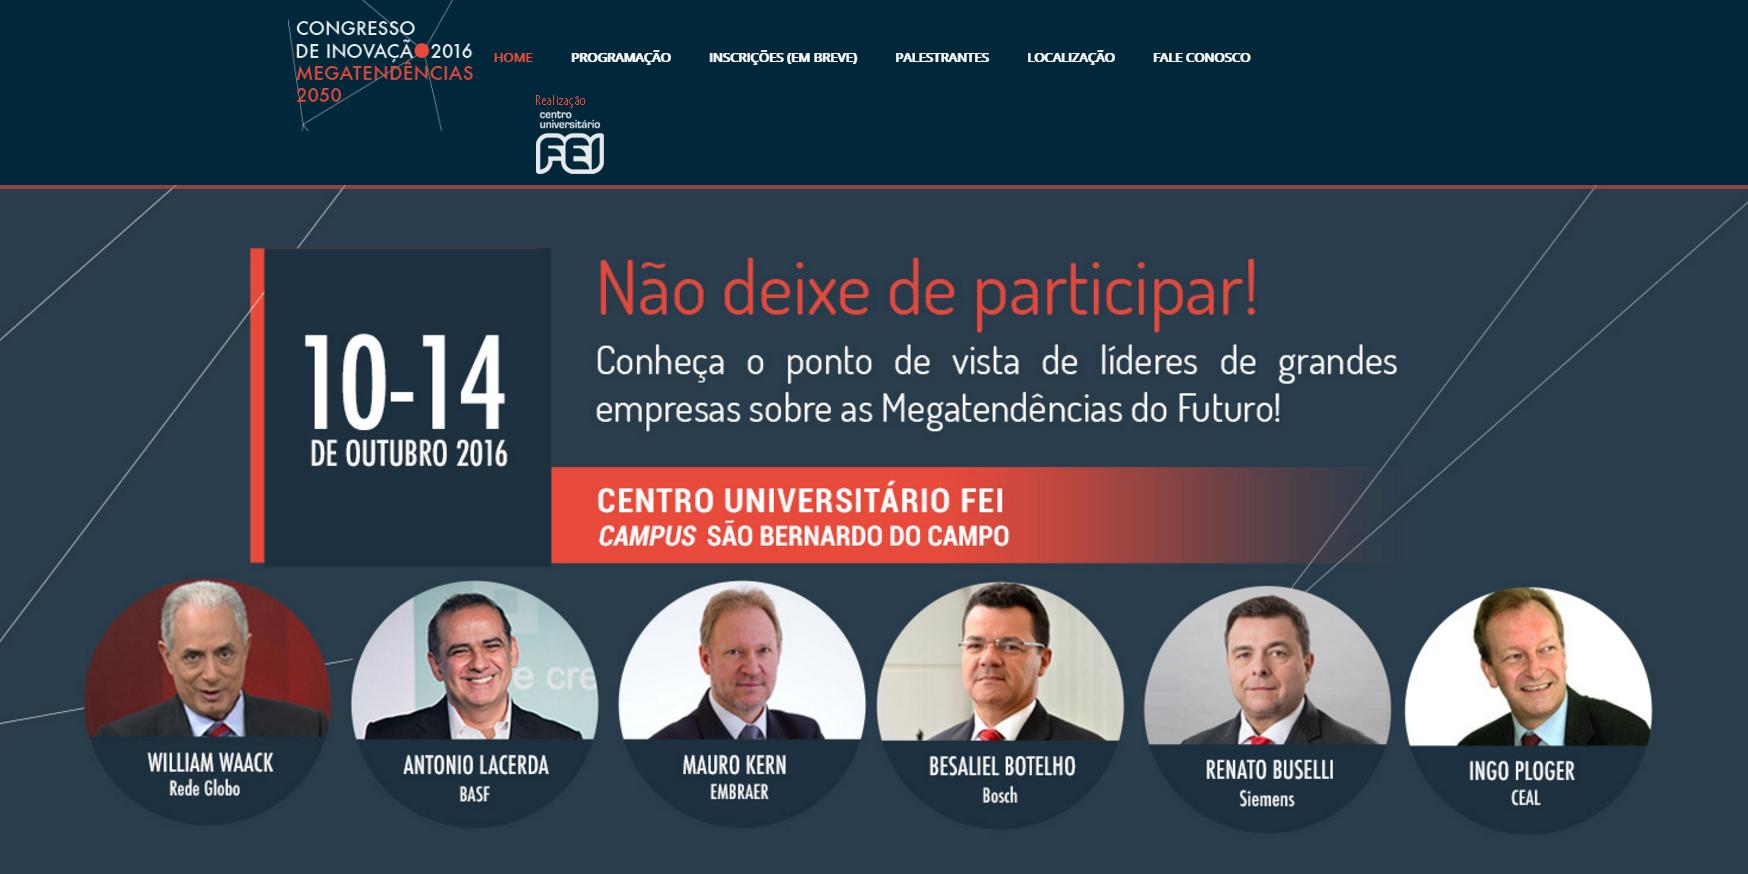 <!--:pt-BR-->Congresso de Inovação 2016 - Mega Tendências 2050<!--:--><!--:en-->Congresso de Inovação 2016 - Mega Tendências 2050<!--:-->